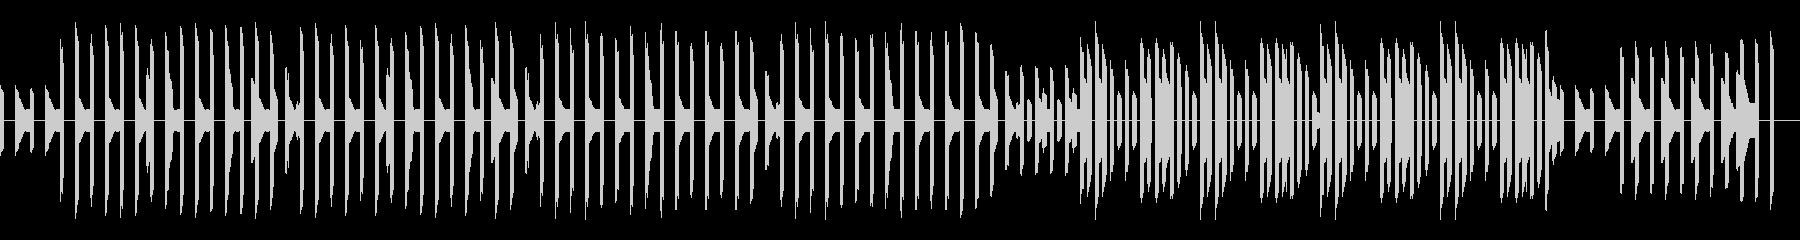 熱血ヒーロー的なレトロゲーム風BGMの未再生の波形